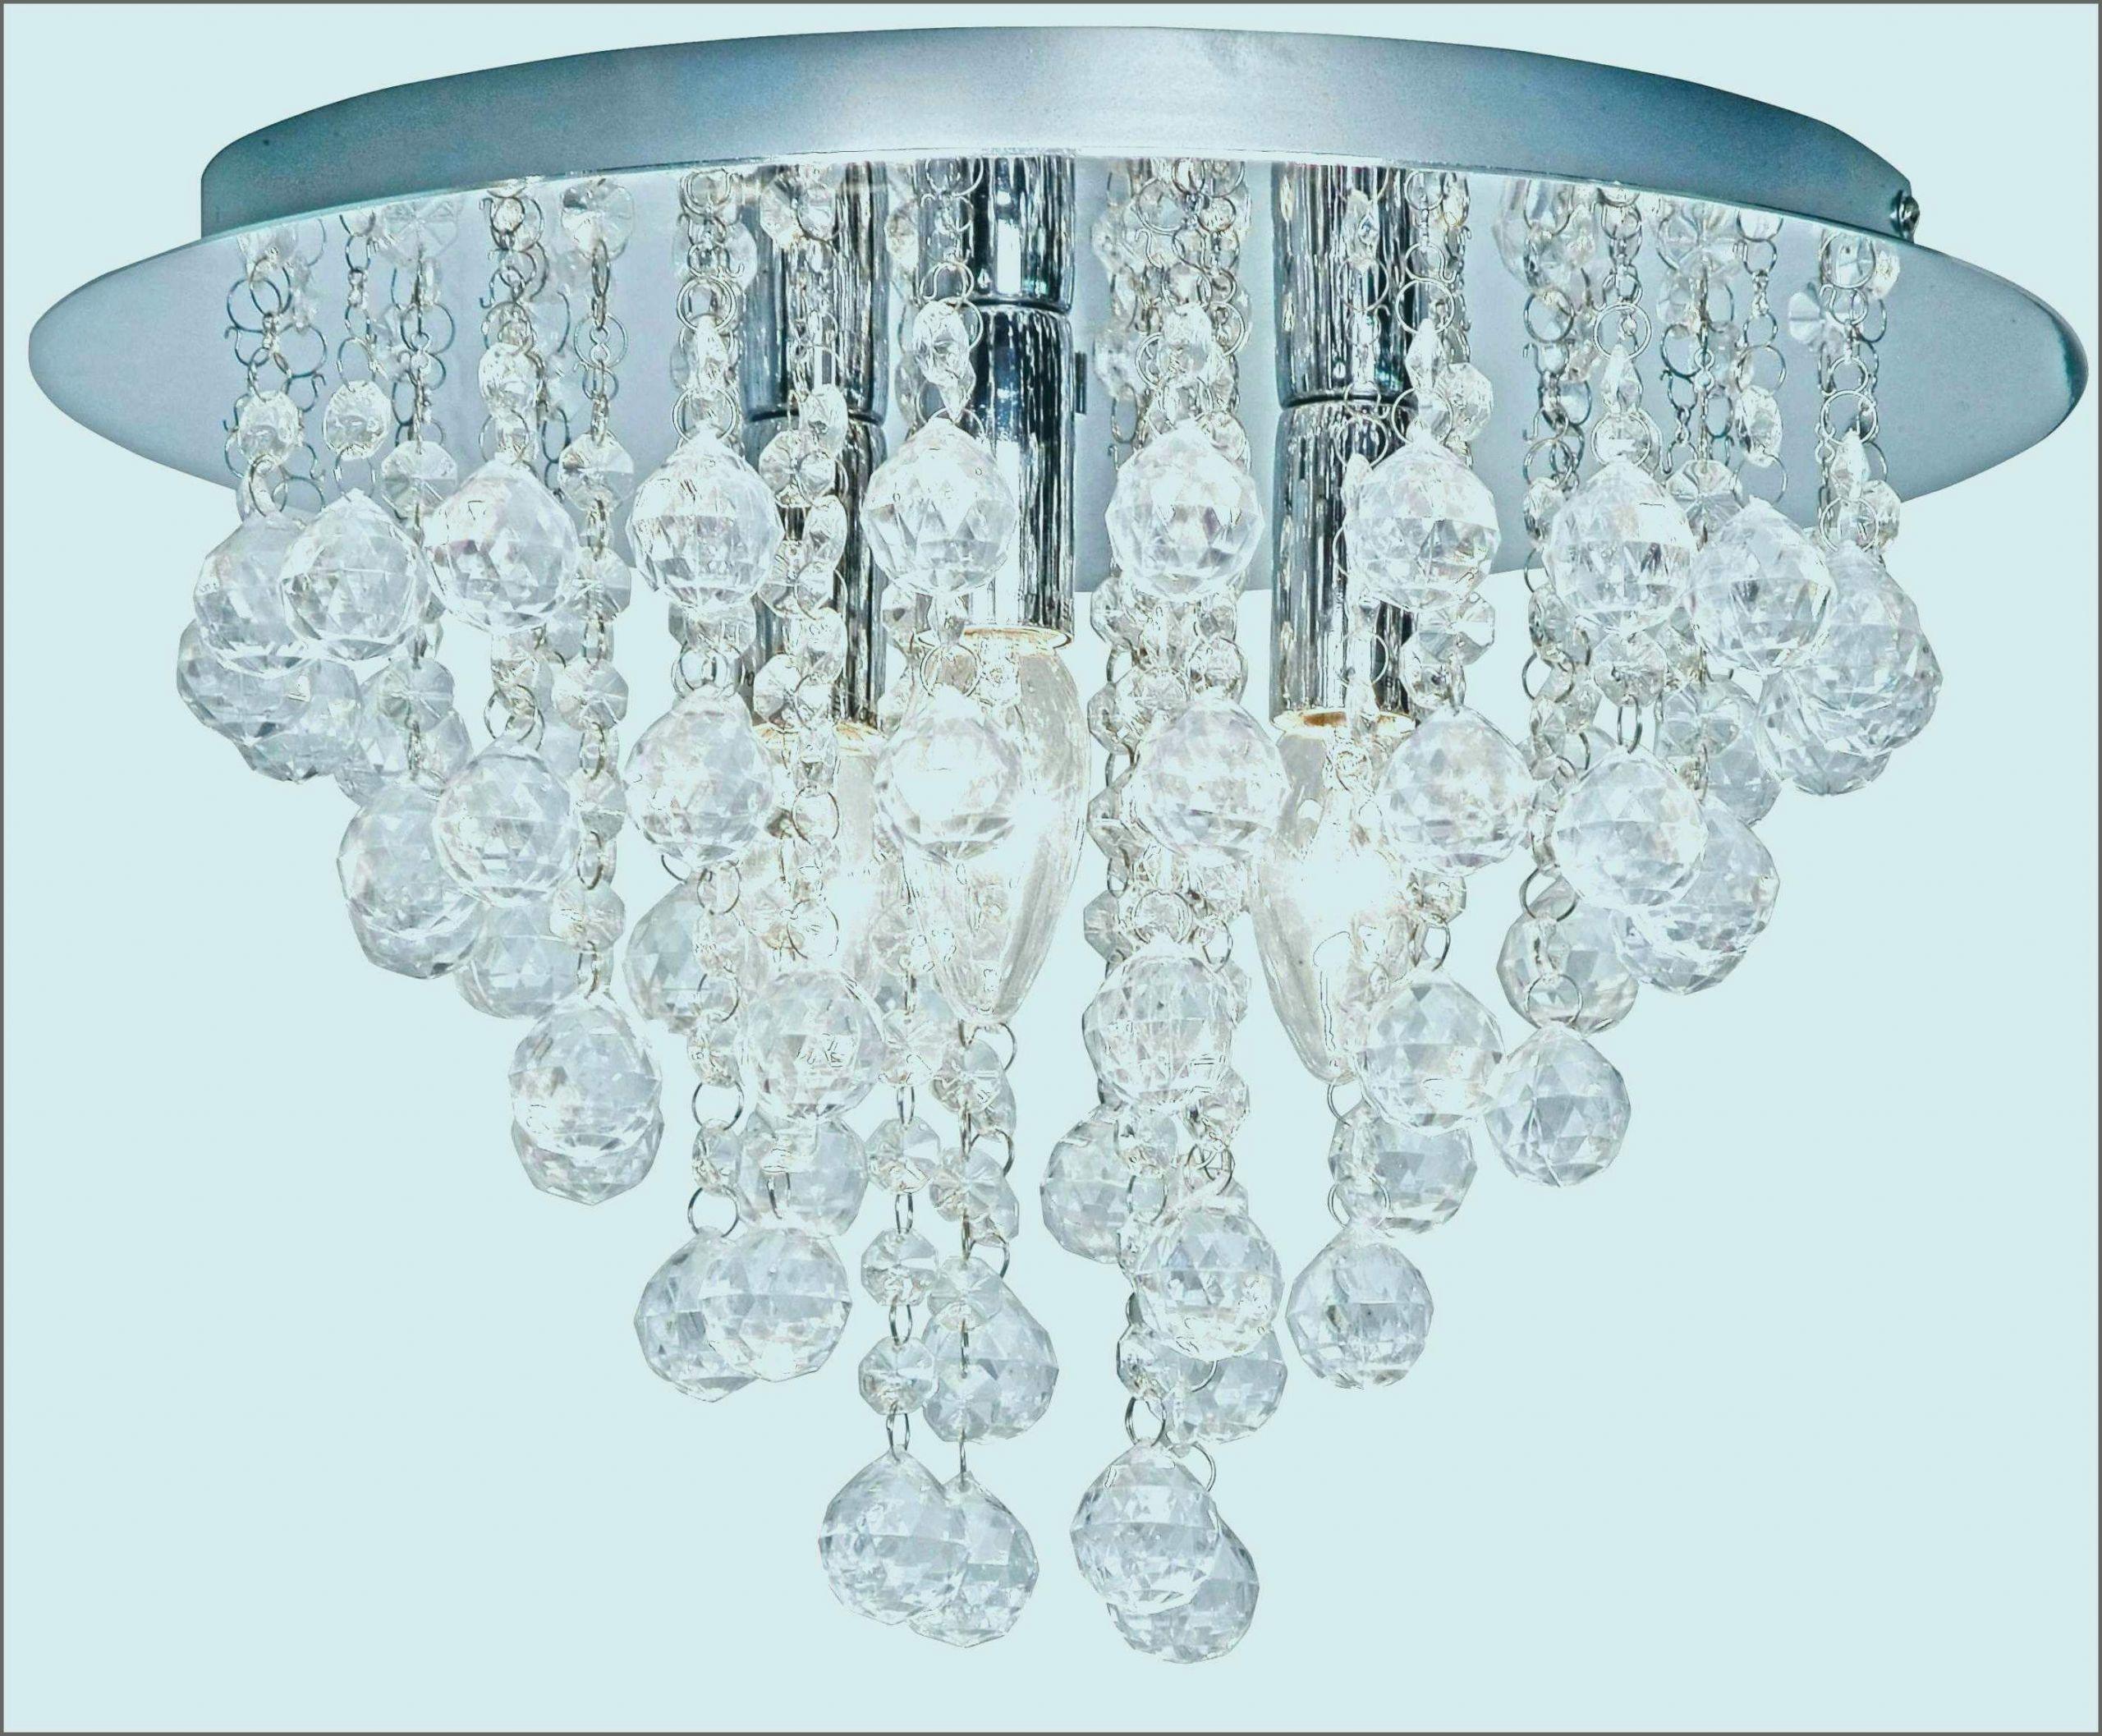 Full Size of Wohnzimmer Lampe Ikea Saa571690 Lampen Von Saamvedmediacom Bad Led Vinylboden Küche Kosten Tapeten Ideen Vorhänge Badezimmer Kaufen Schlafzimmer Teppich Wohnzimmer Wohnzimmer Lampe Ikea